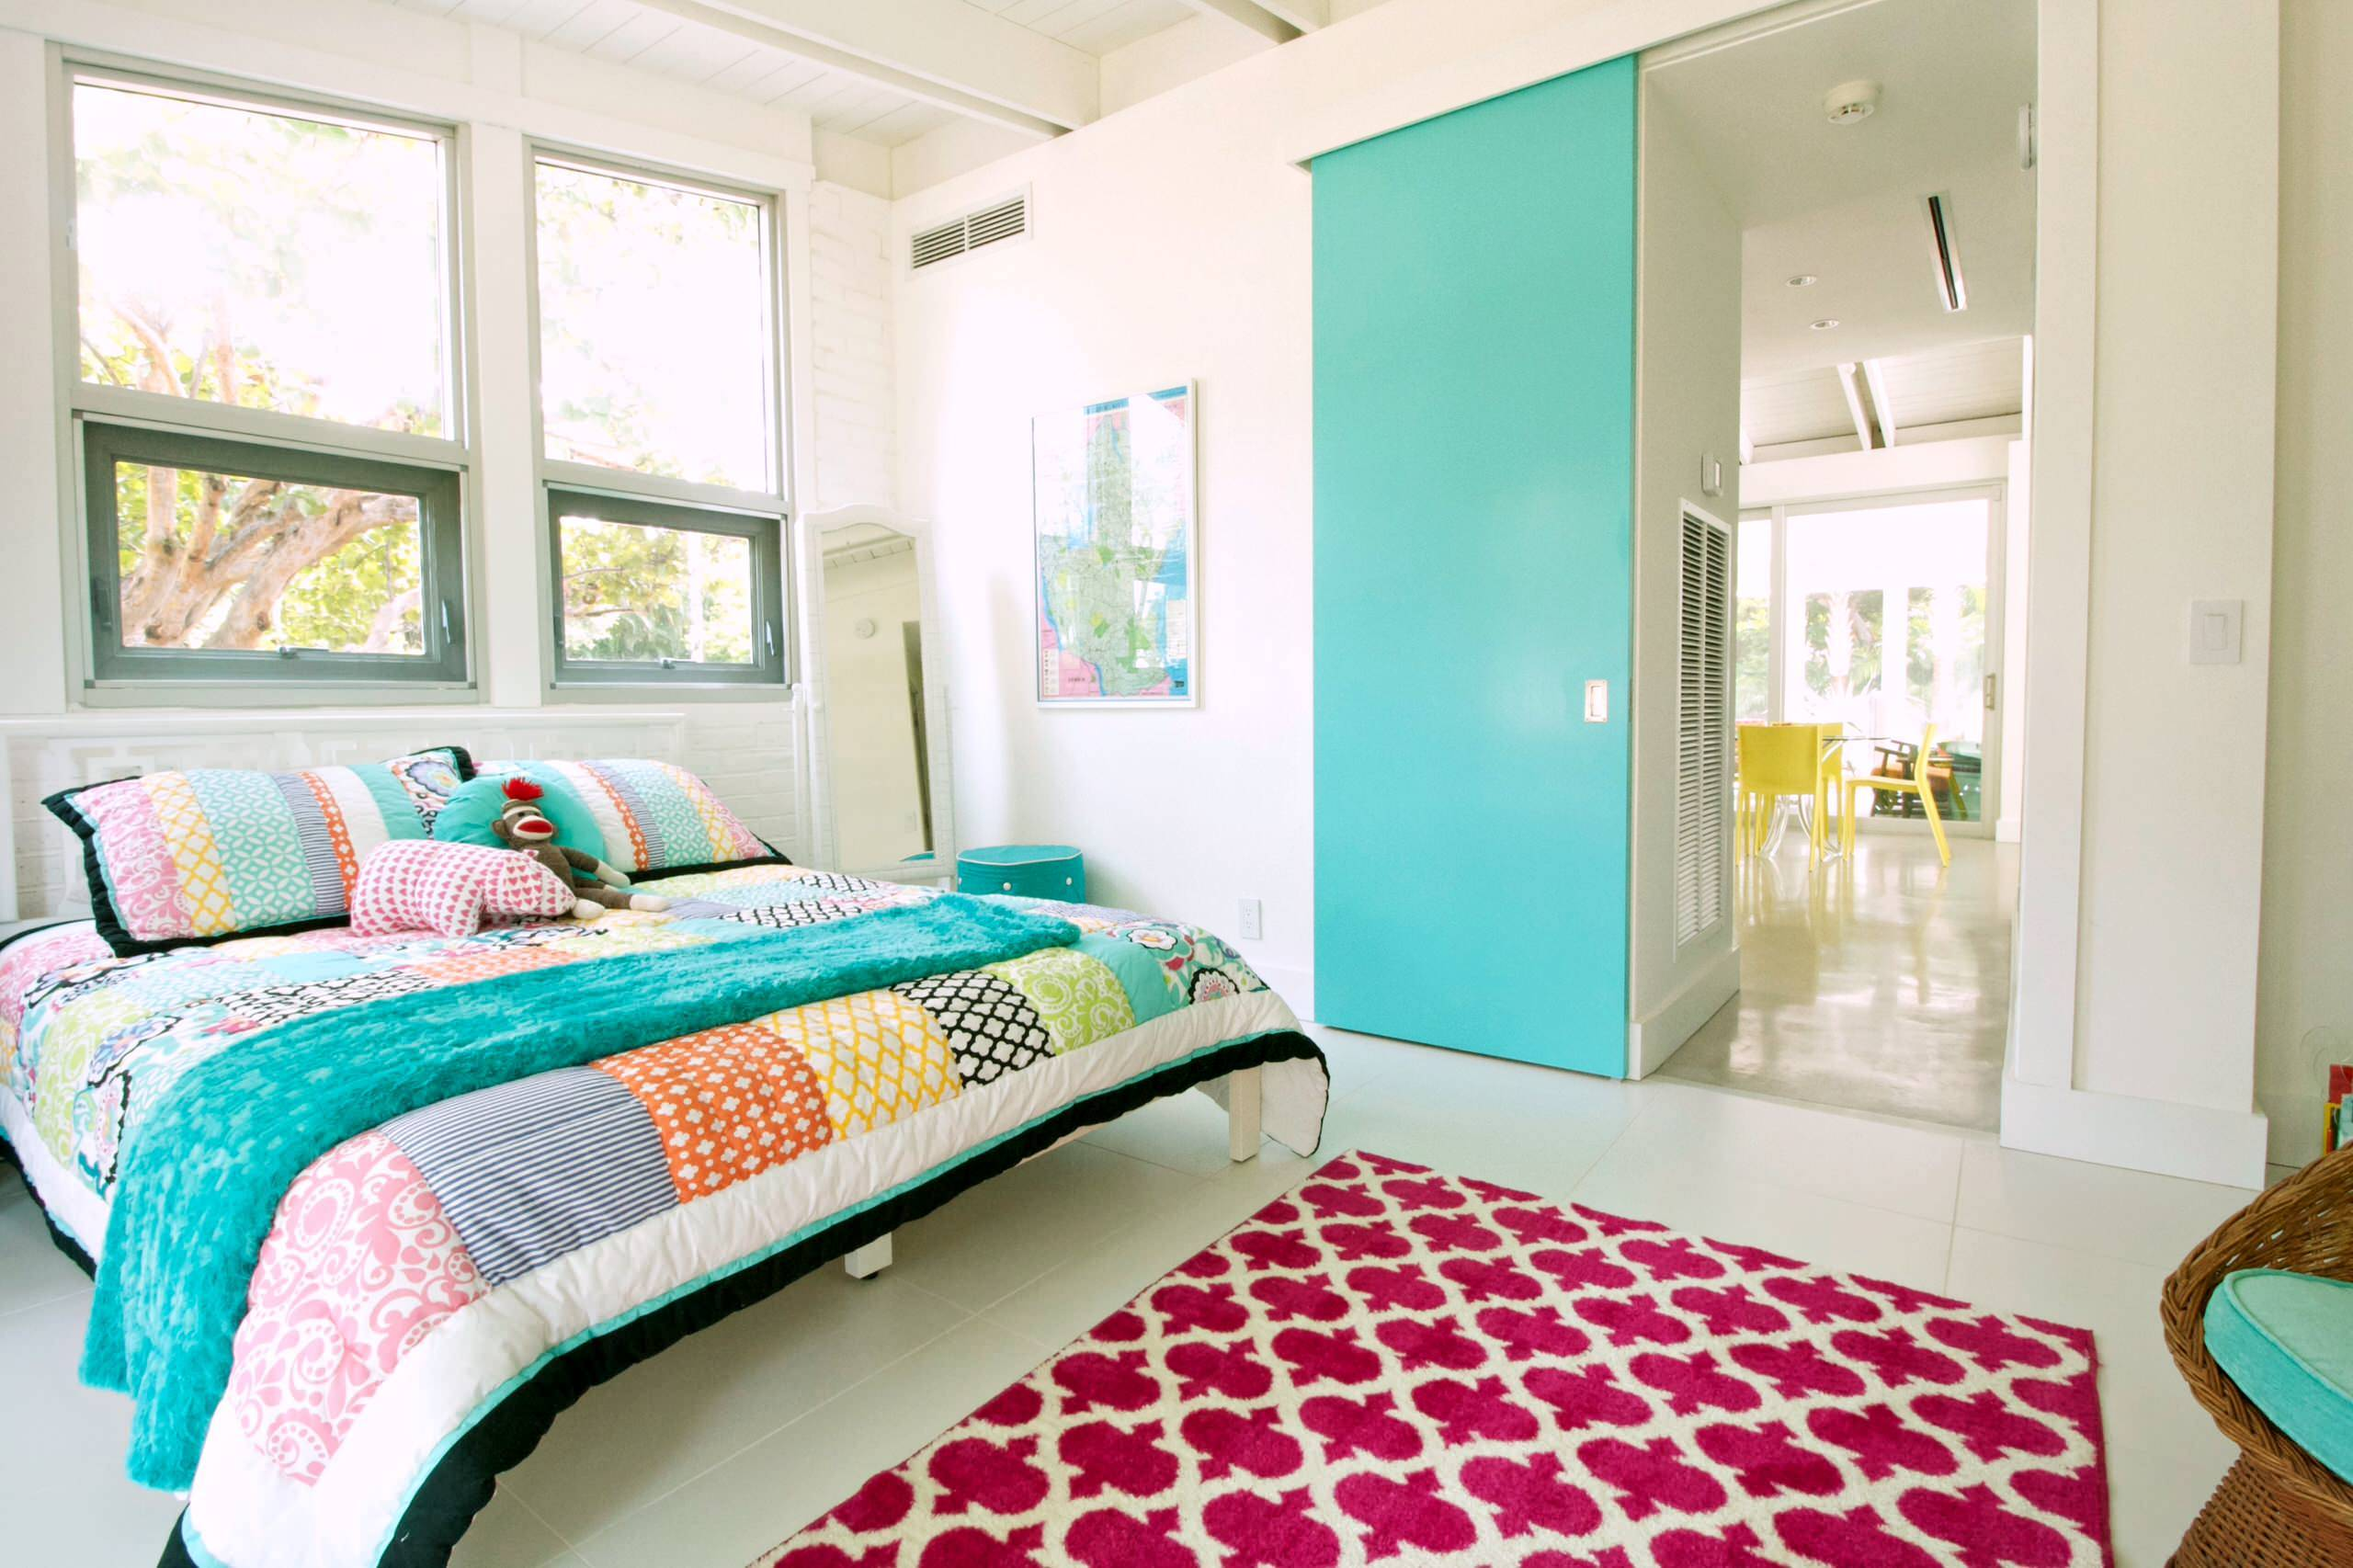 Accent Door Bright Bedroom Blue Teal Aqua Red Area Rug Decor